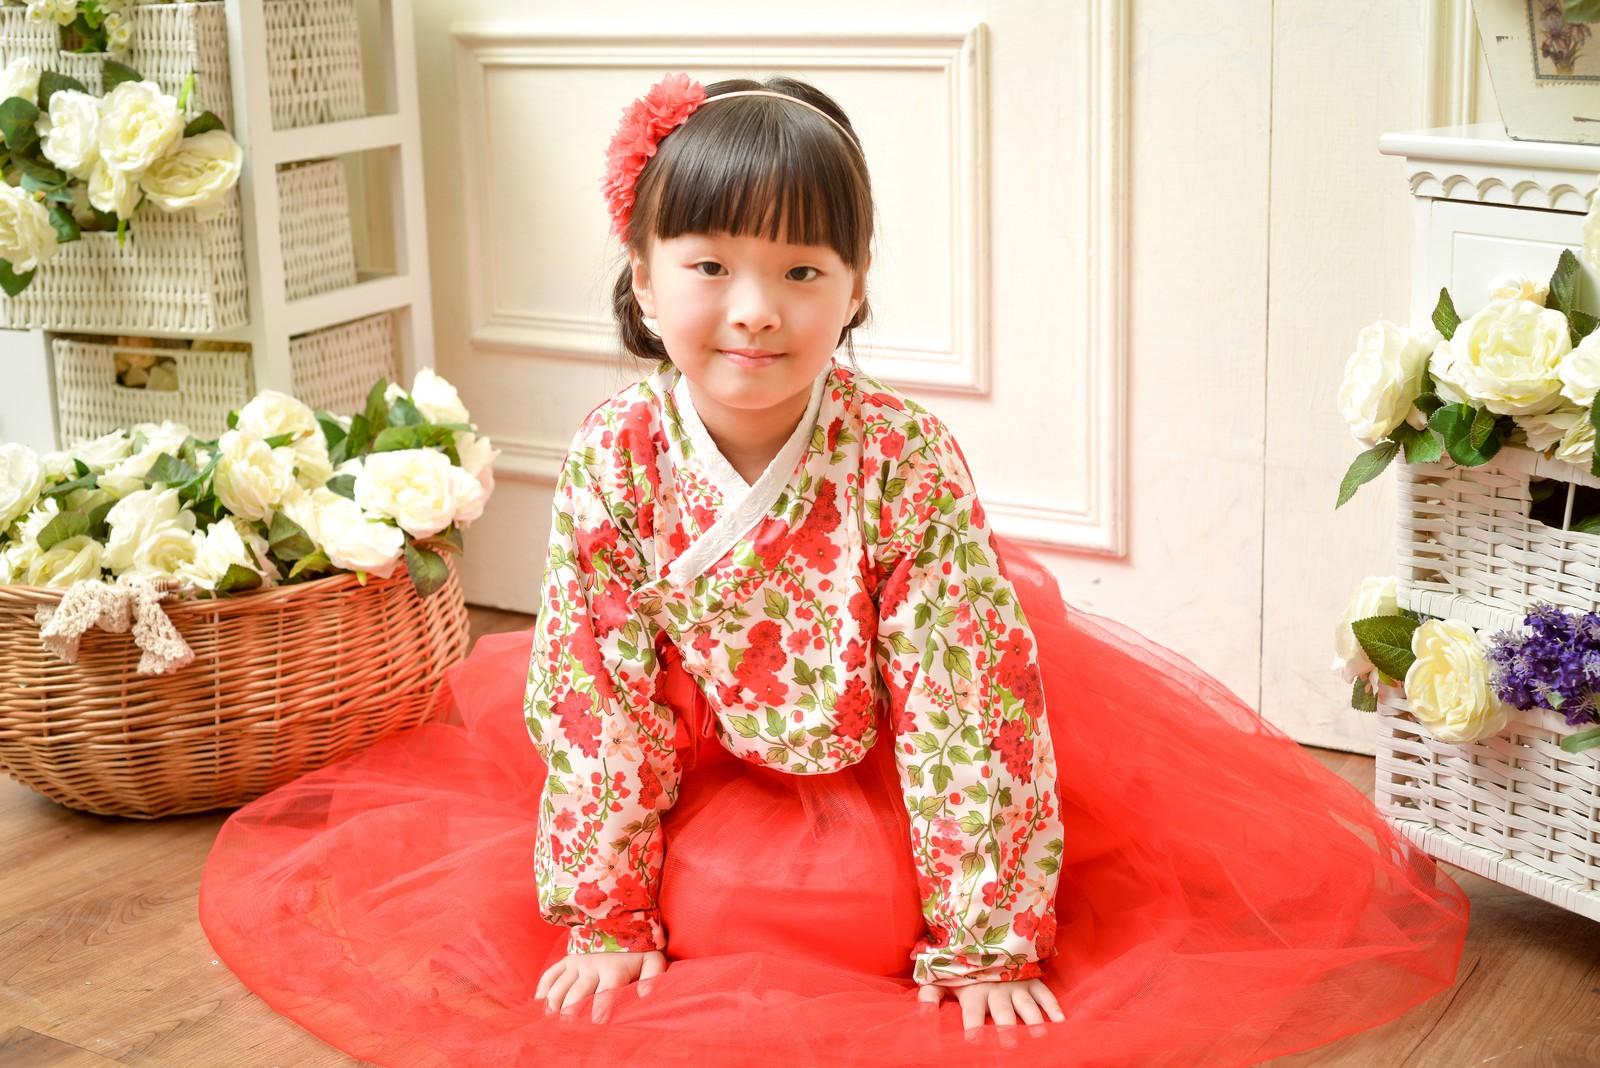 兒童寫真,兒童攝影,婚紗攝影師,自助婚紗,bb17